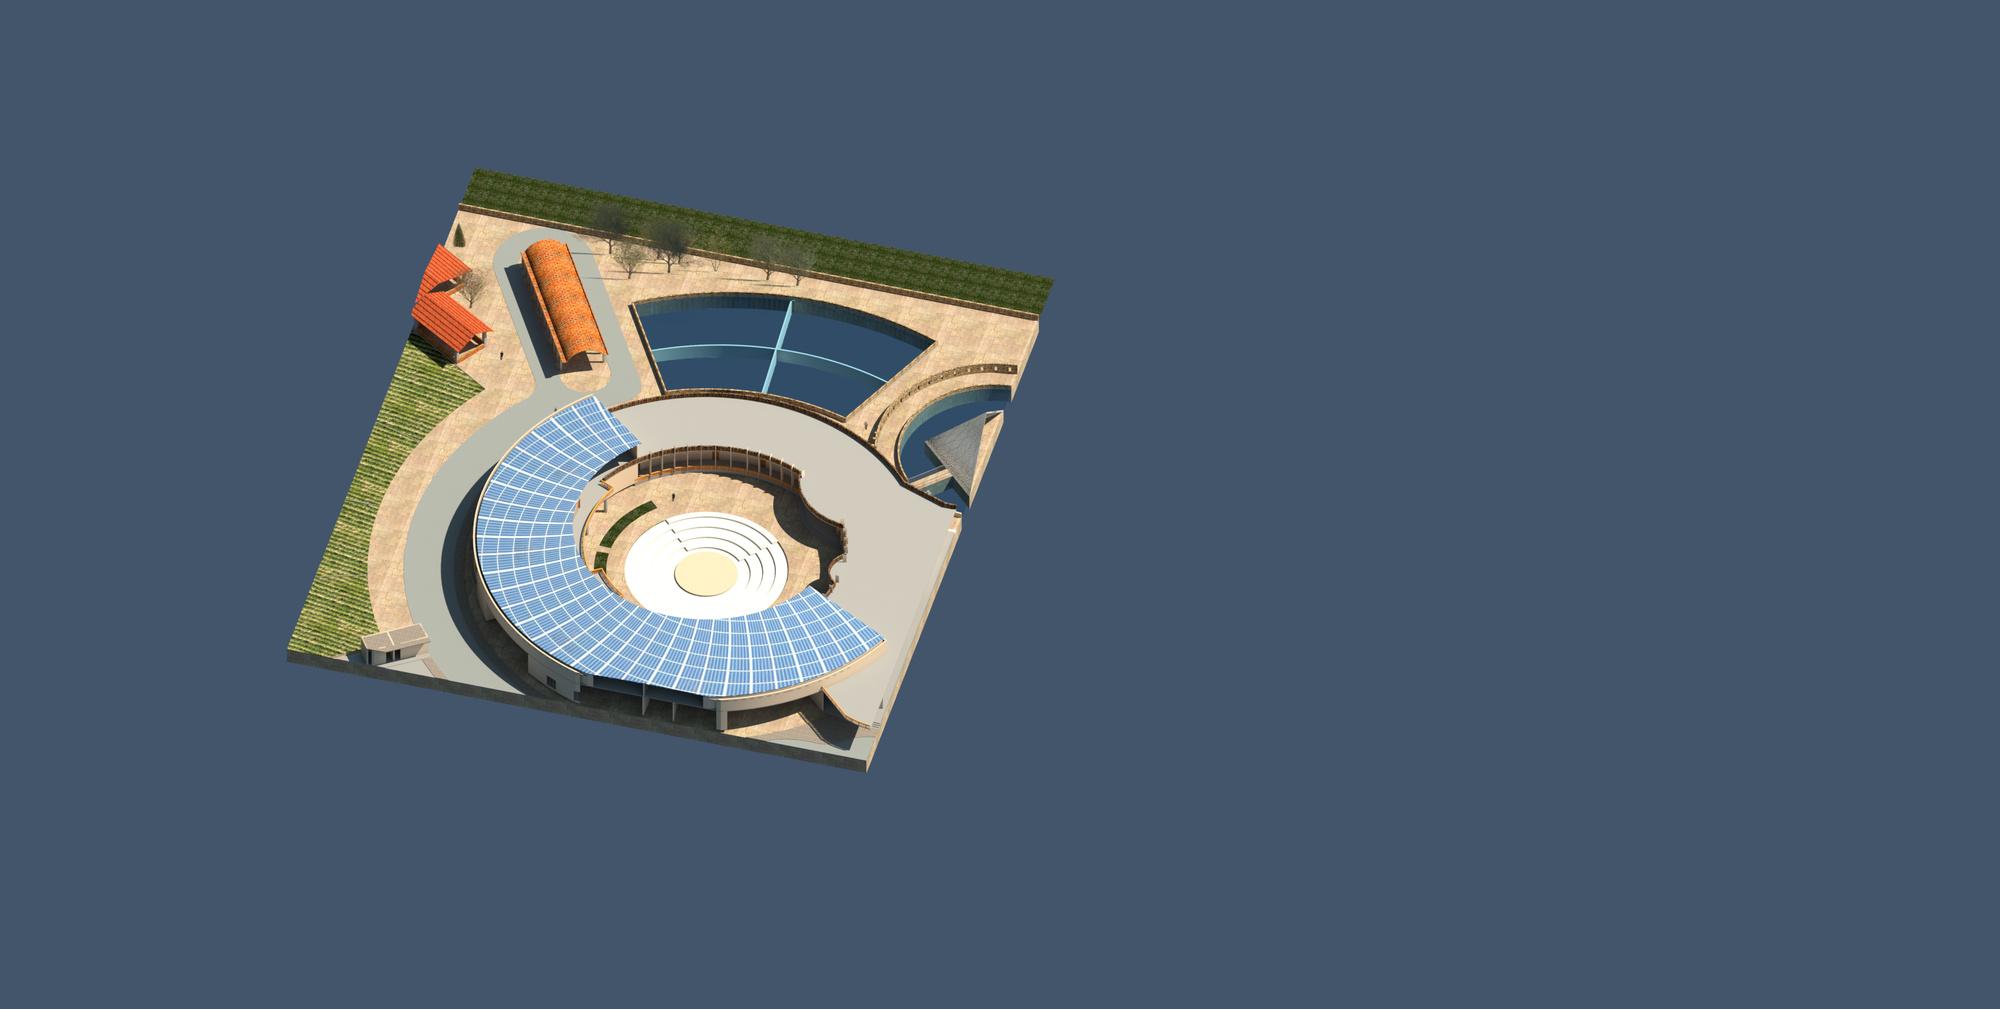 Raas-rendering20150406-10639-195iibc